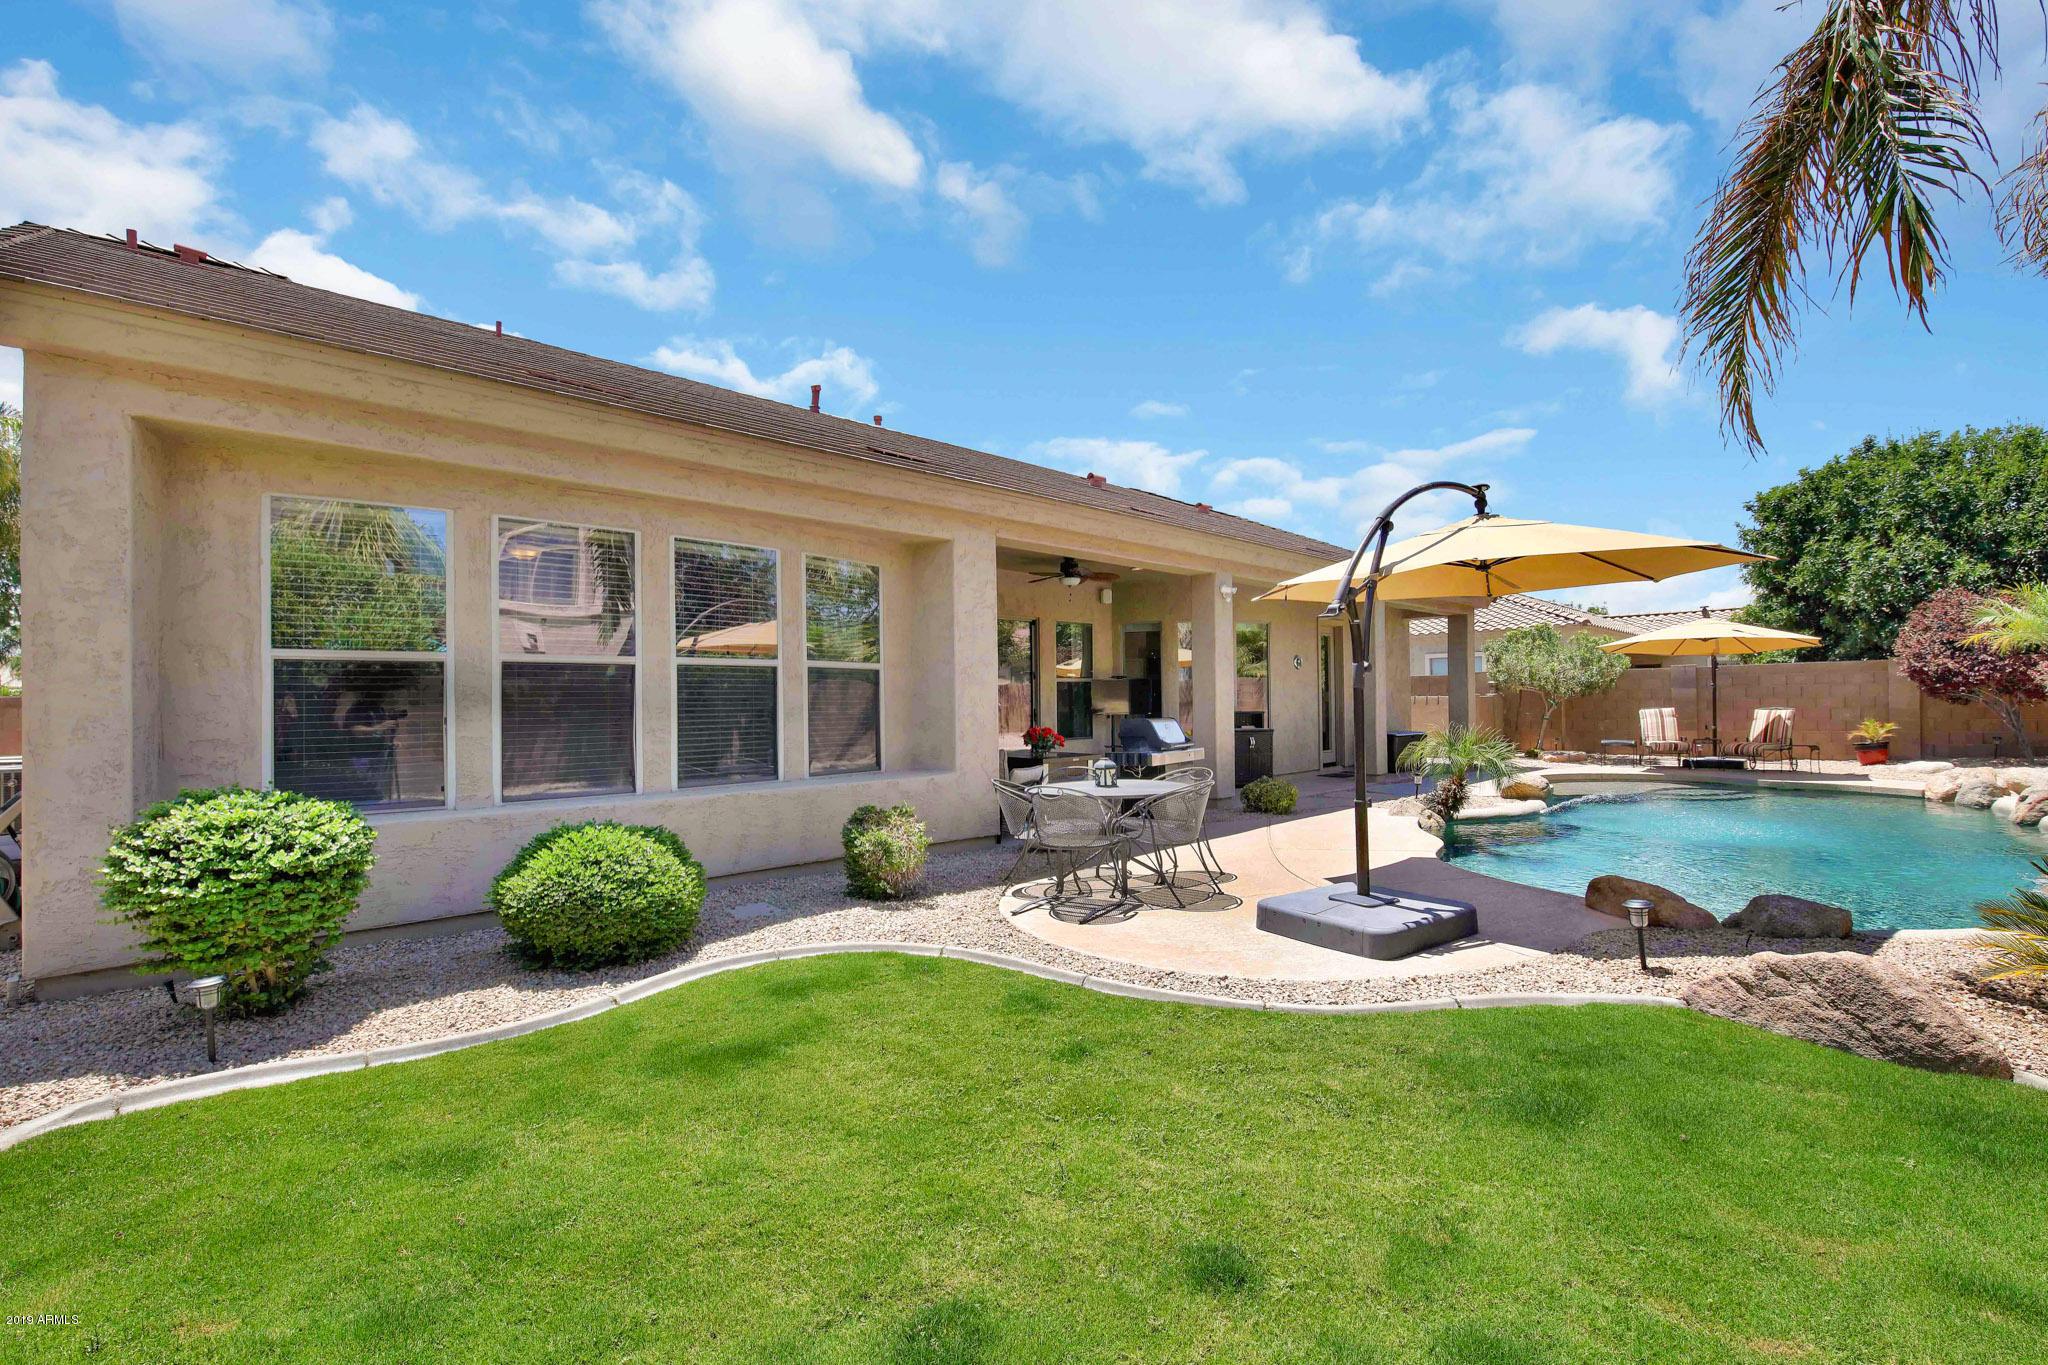 MLS 5962819 302 W MACAW Drive, Chandler, AZ 85286 Chandler AZ Arden Park